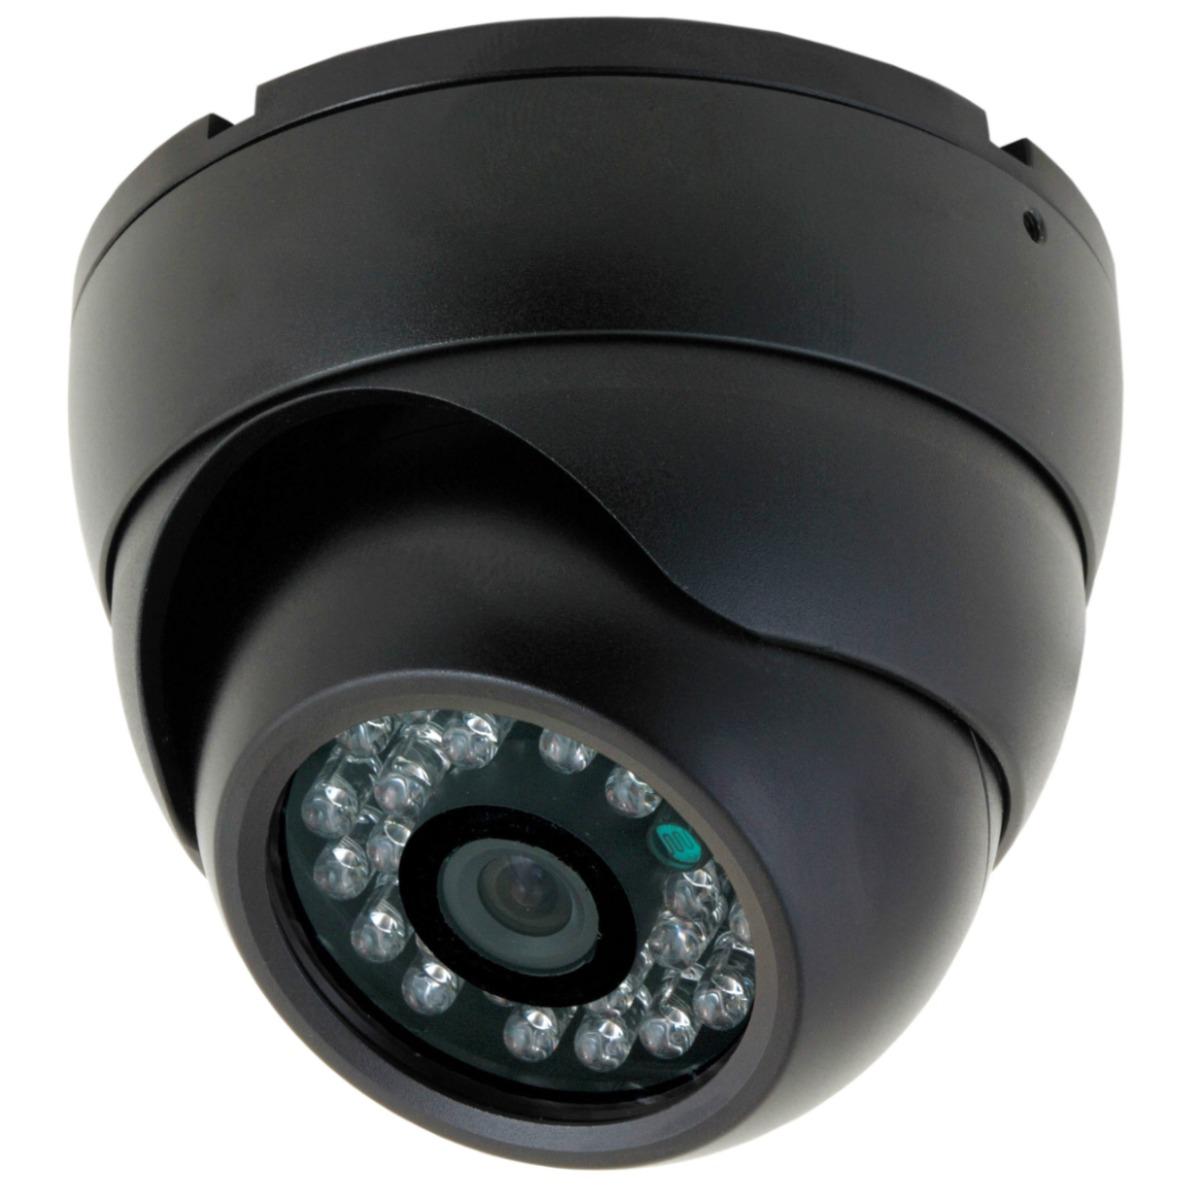 Porqu un sistema de seguridad y videovigilancia en mi empresa - Sistemas de videovigilancia ...